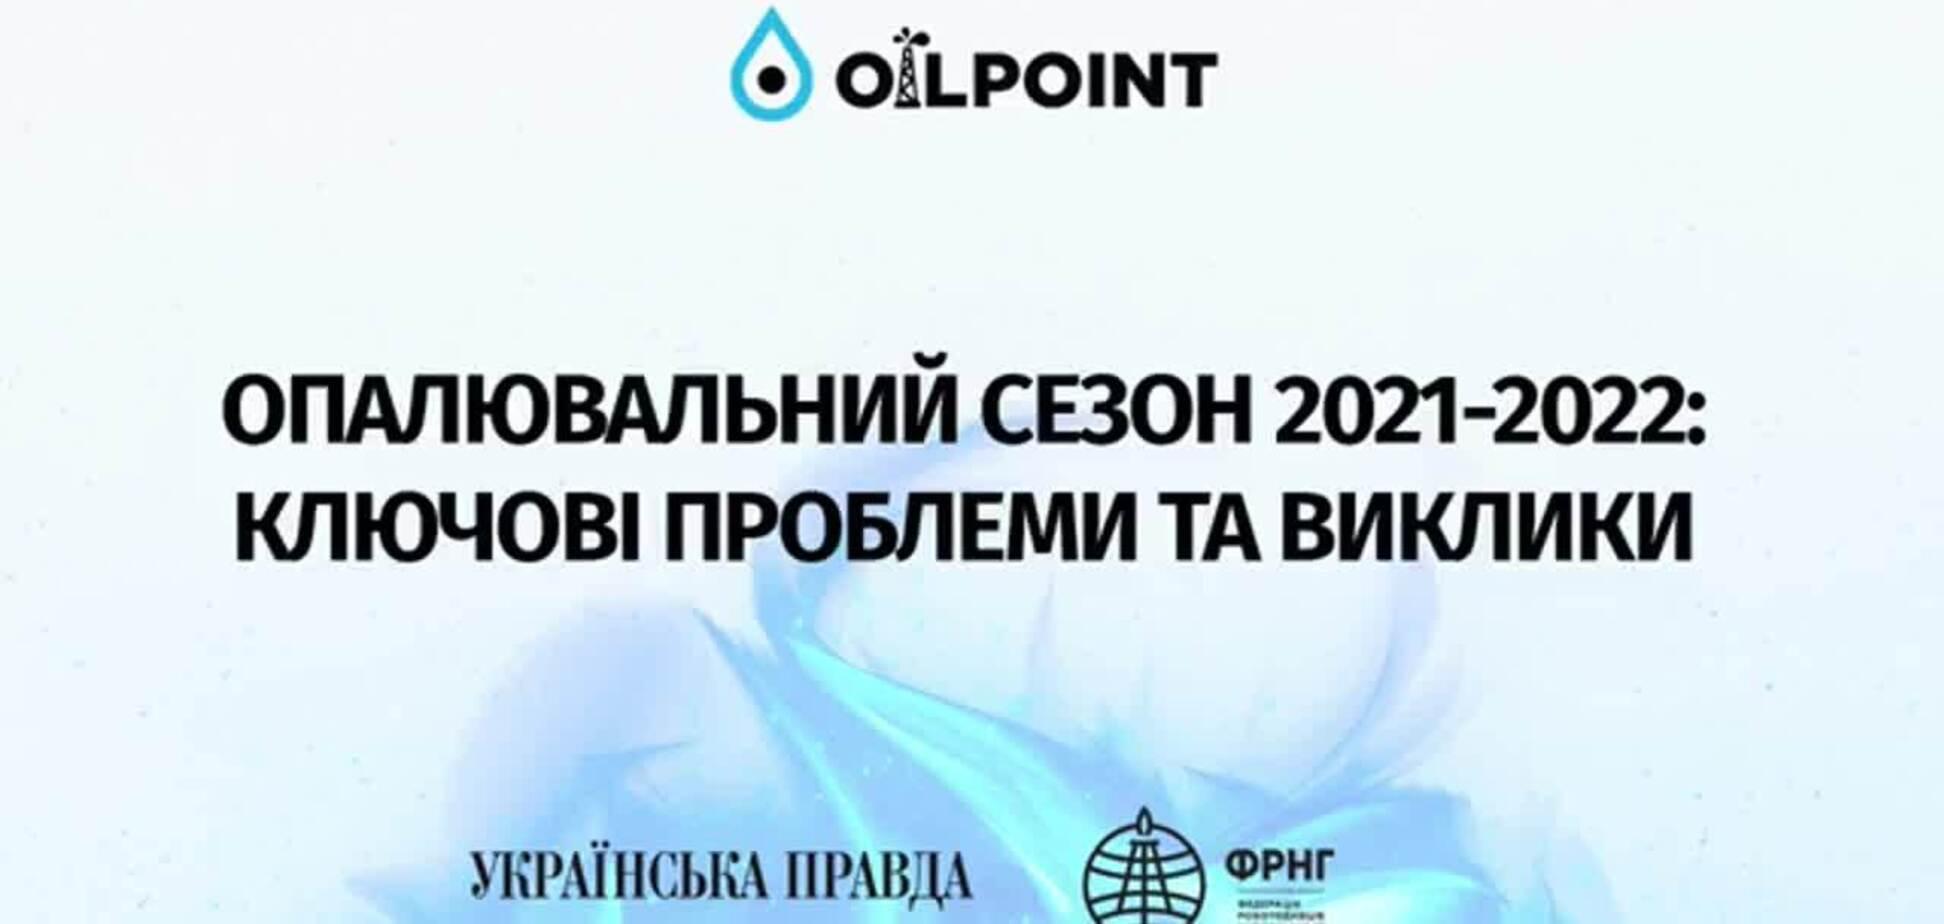 Областные центры в Украине готовы к отопительному сезону